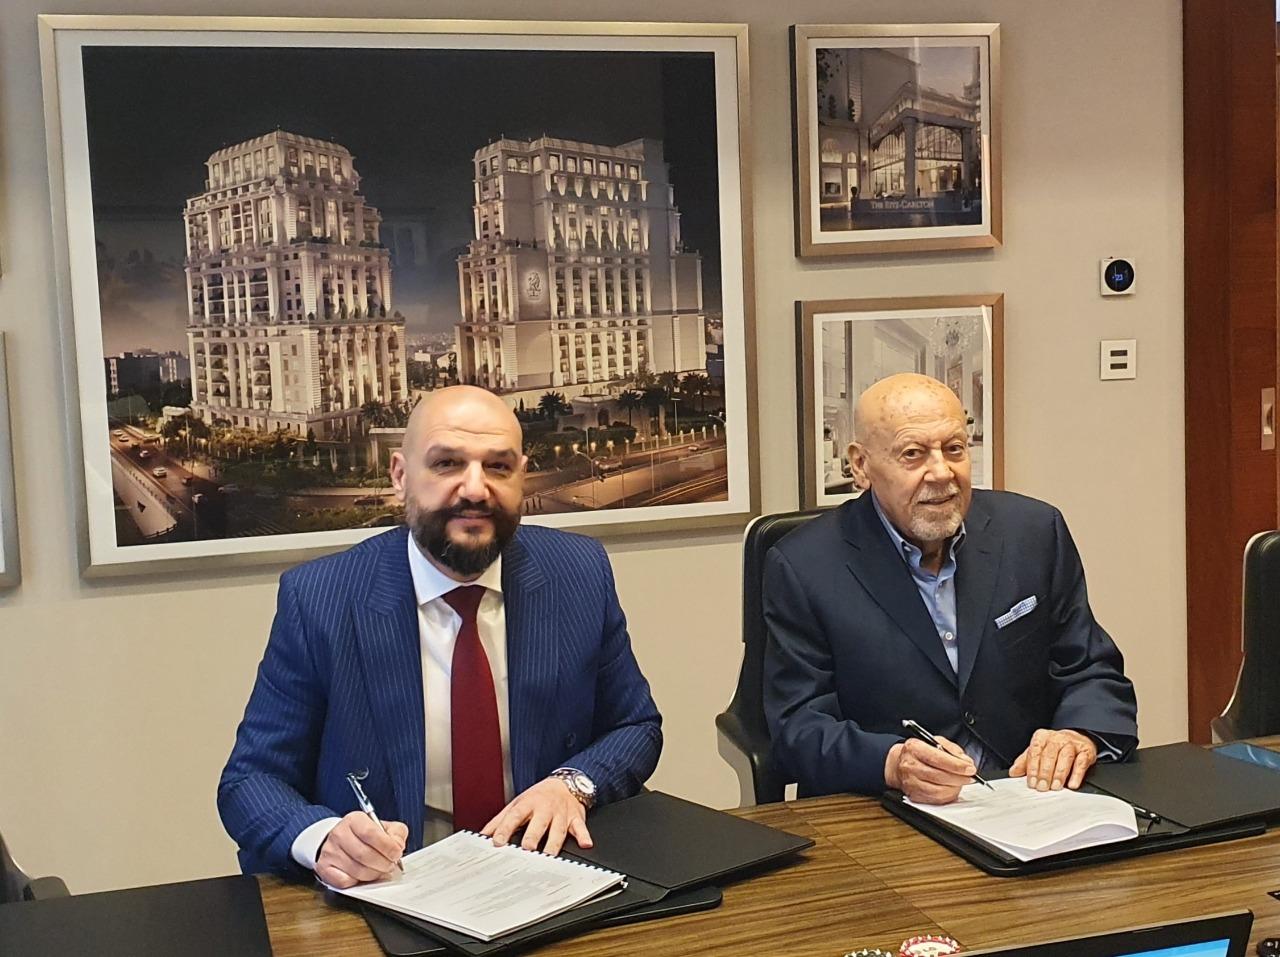 اتفاقية استراتيجية بين مجموعة  AVXAV  و إل جي للإلكترونيات مع شركة الإقبال للتطوير العقاري